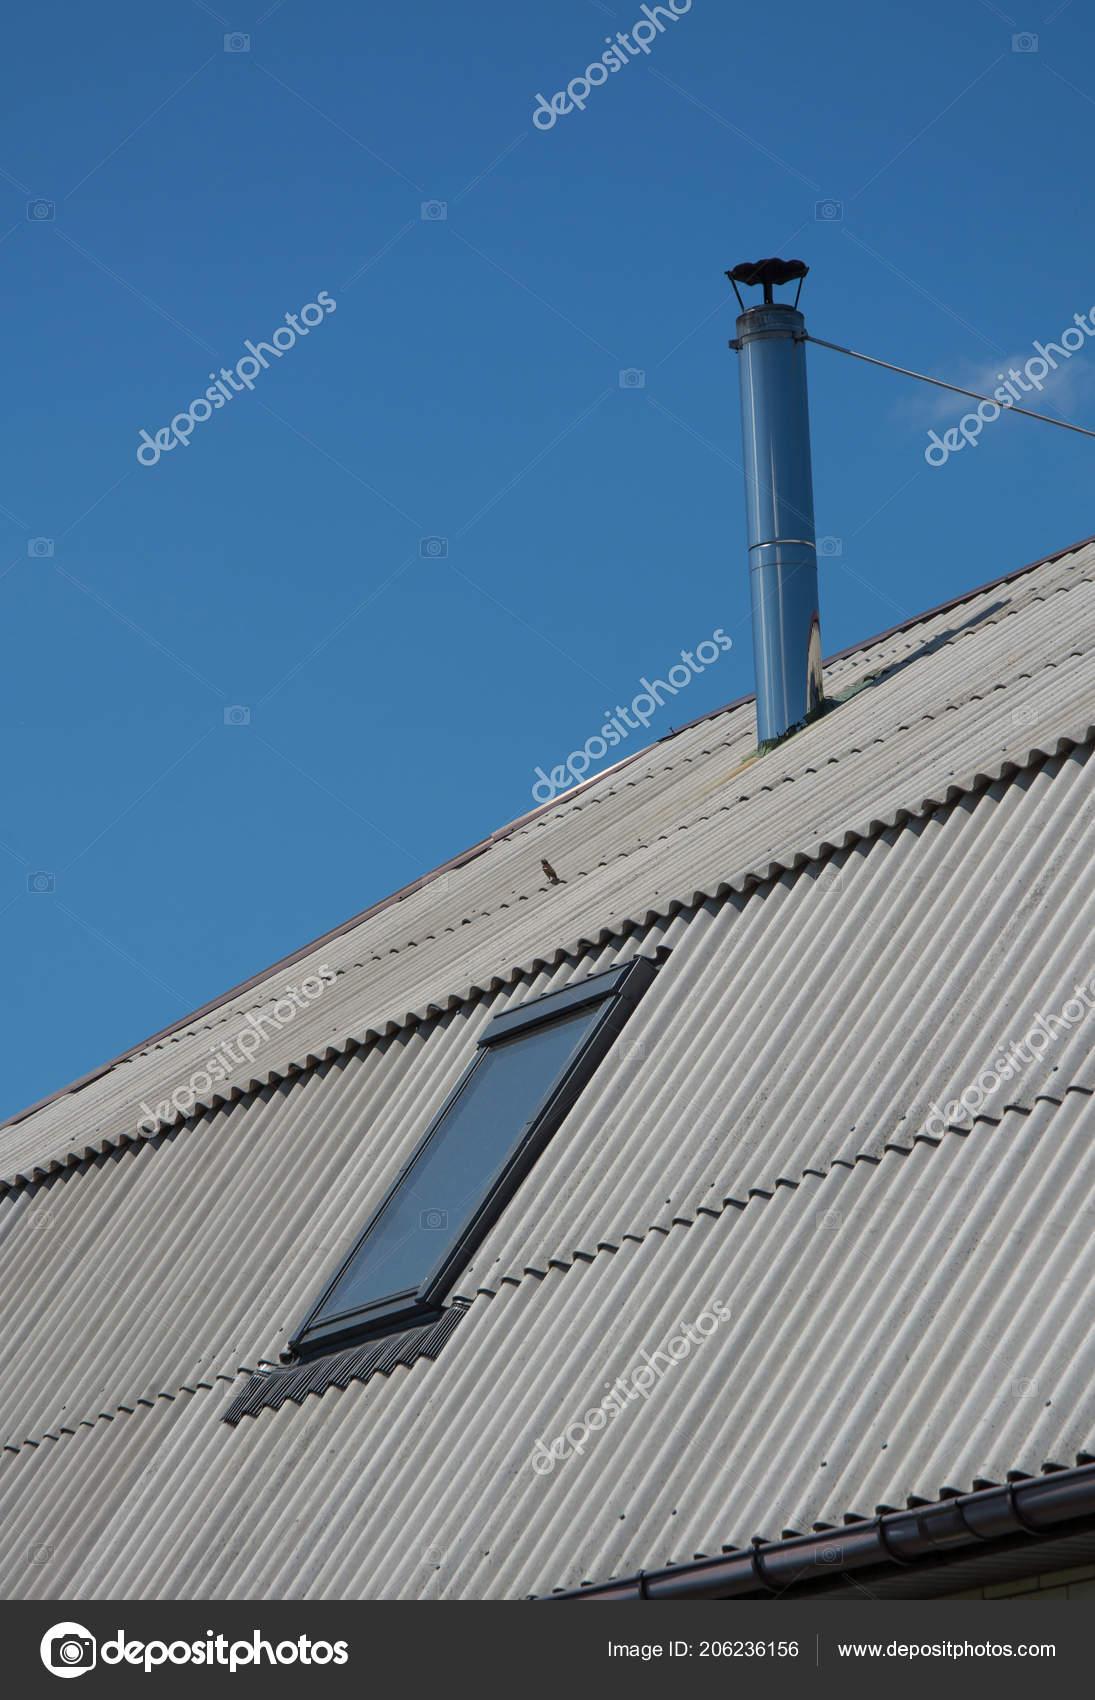 Шиферная крыша и дымоходы какие камины лучше топки или из кирпича